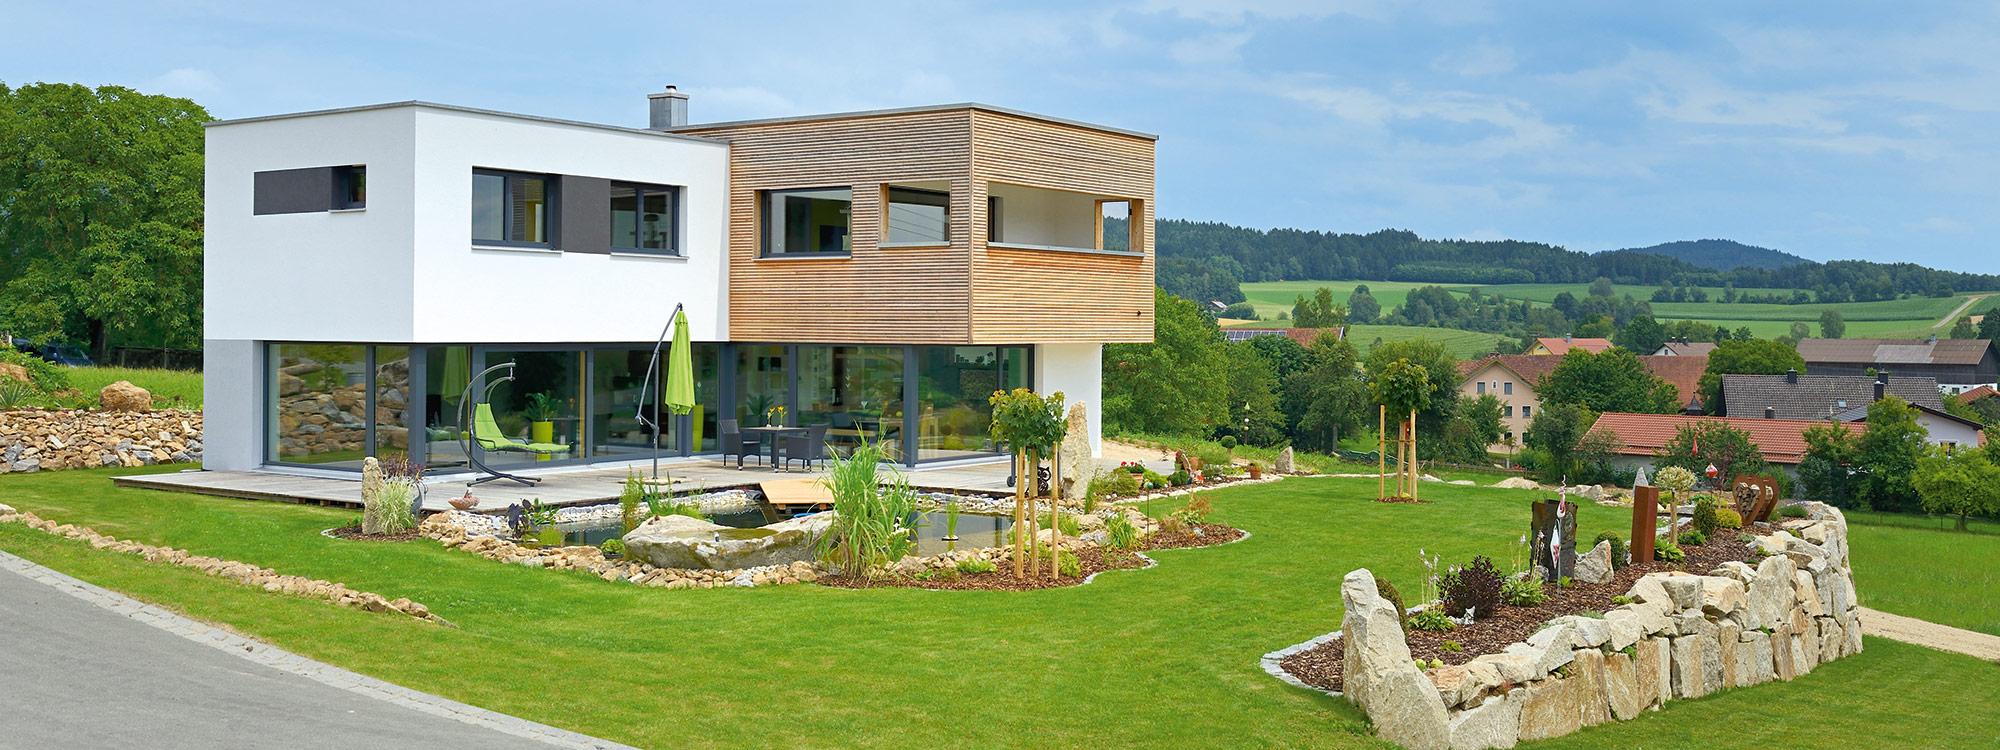 Hausbeispiel Wagner - Modernes Holzhaus in ländlicher Region